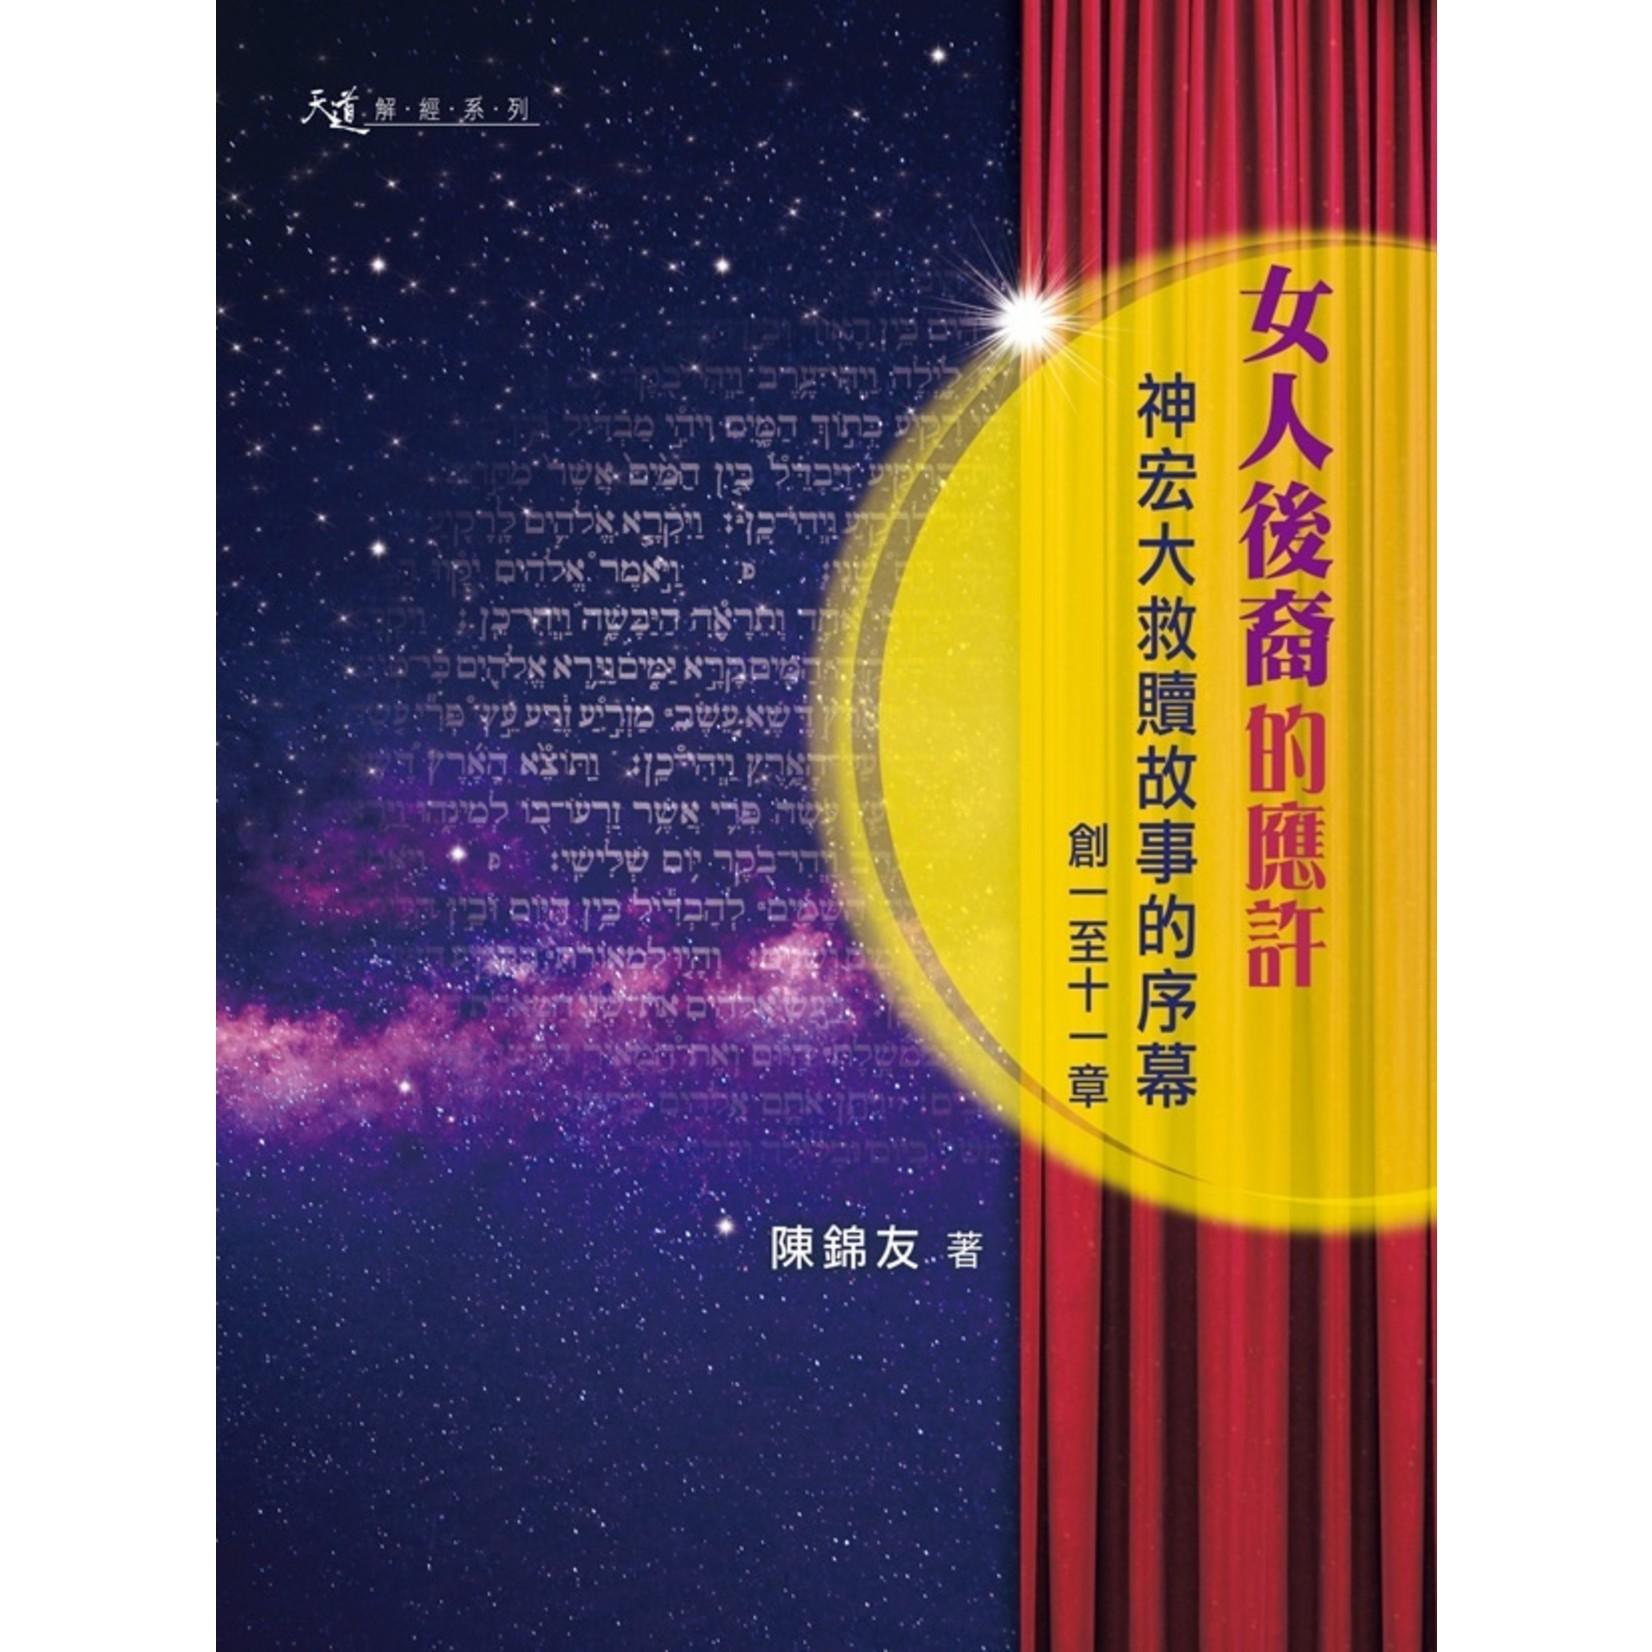 天道書樓 Tien Dao Publishing House 女人後裔的應許:神宏大救贖故事的序幕(創一至十一章)